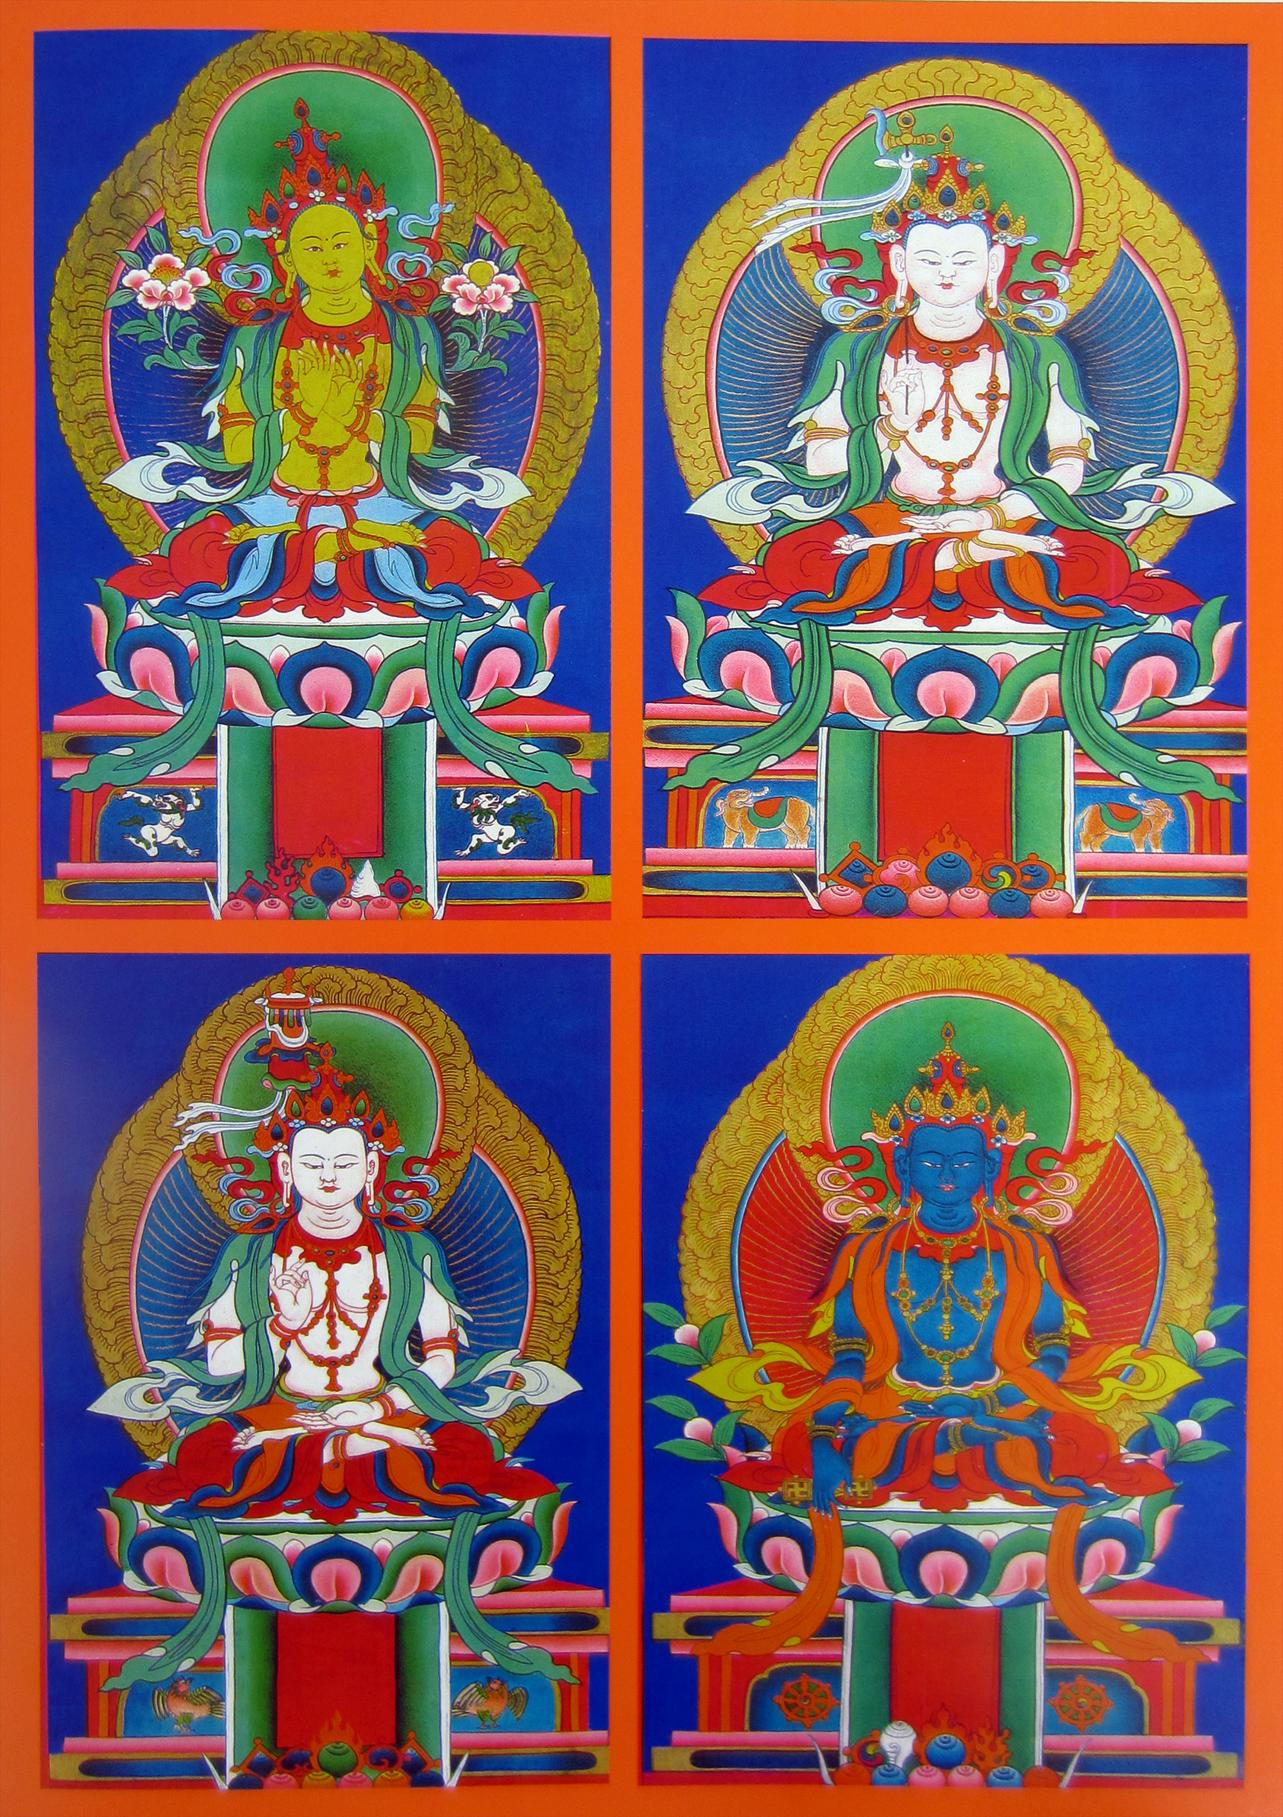 A négy derseg buddha